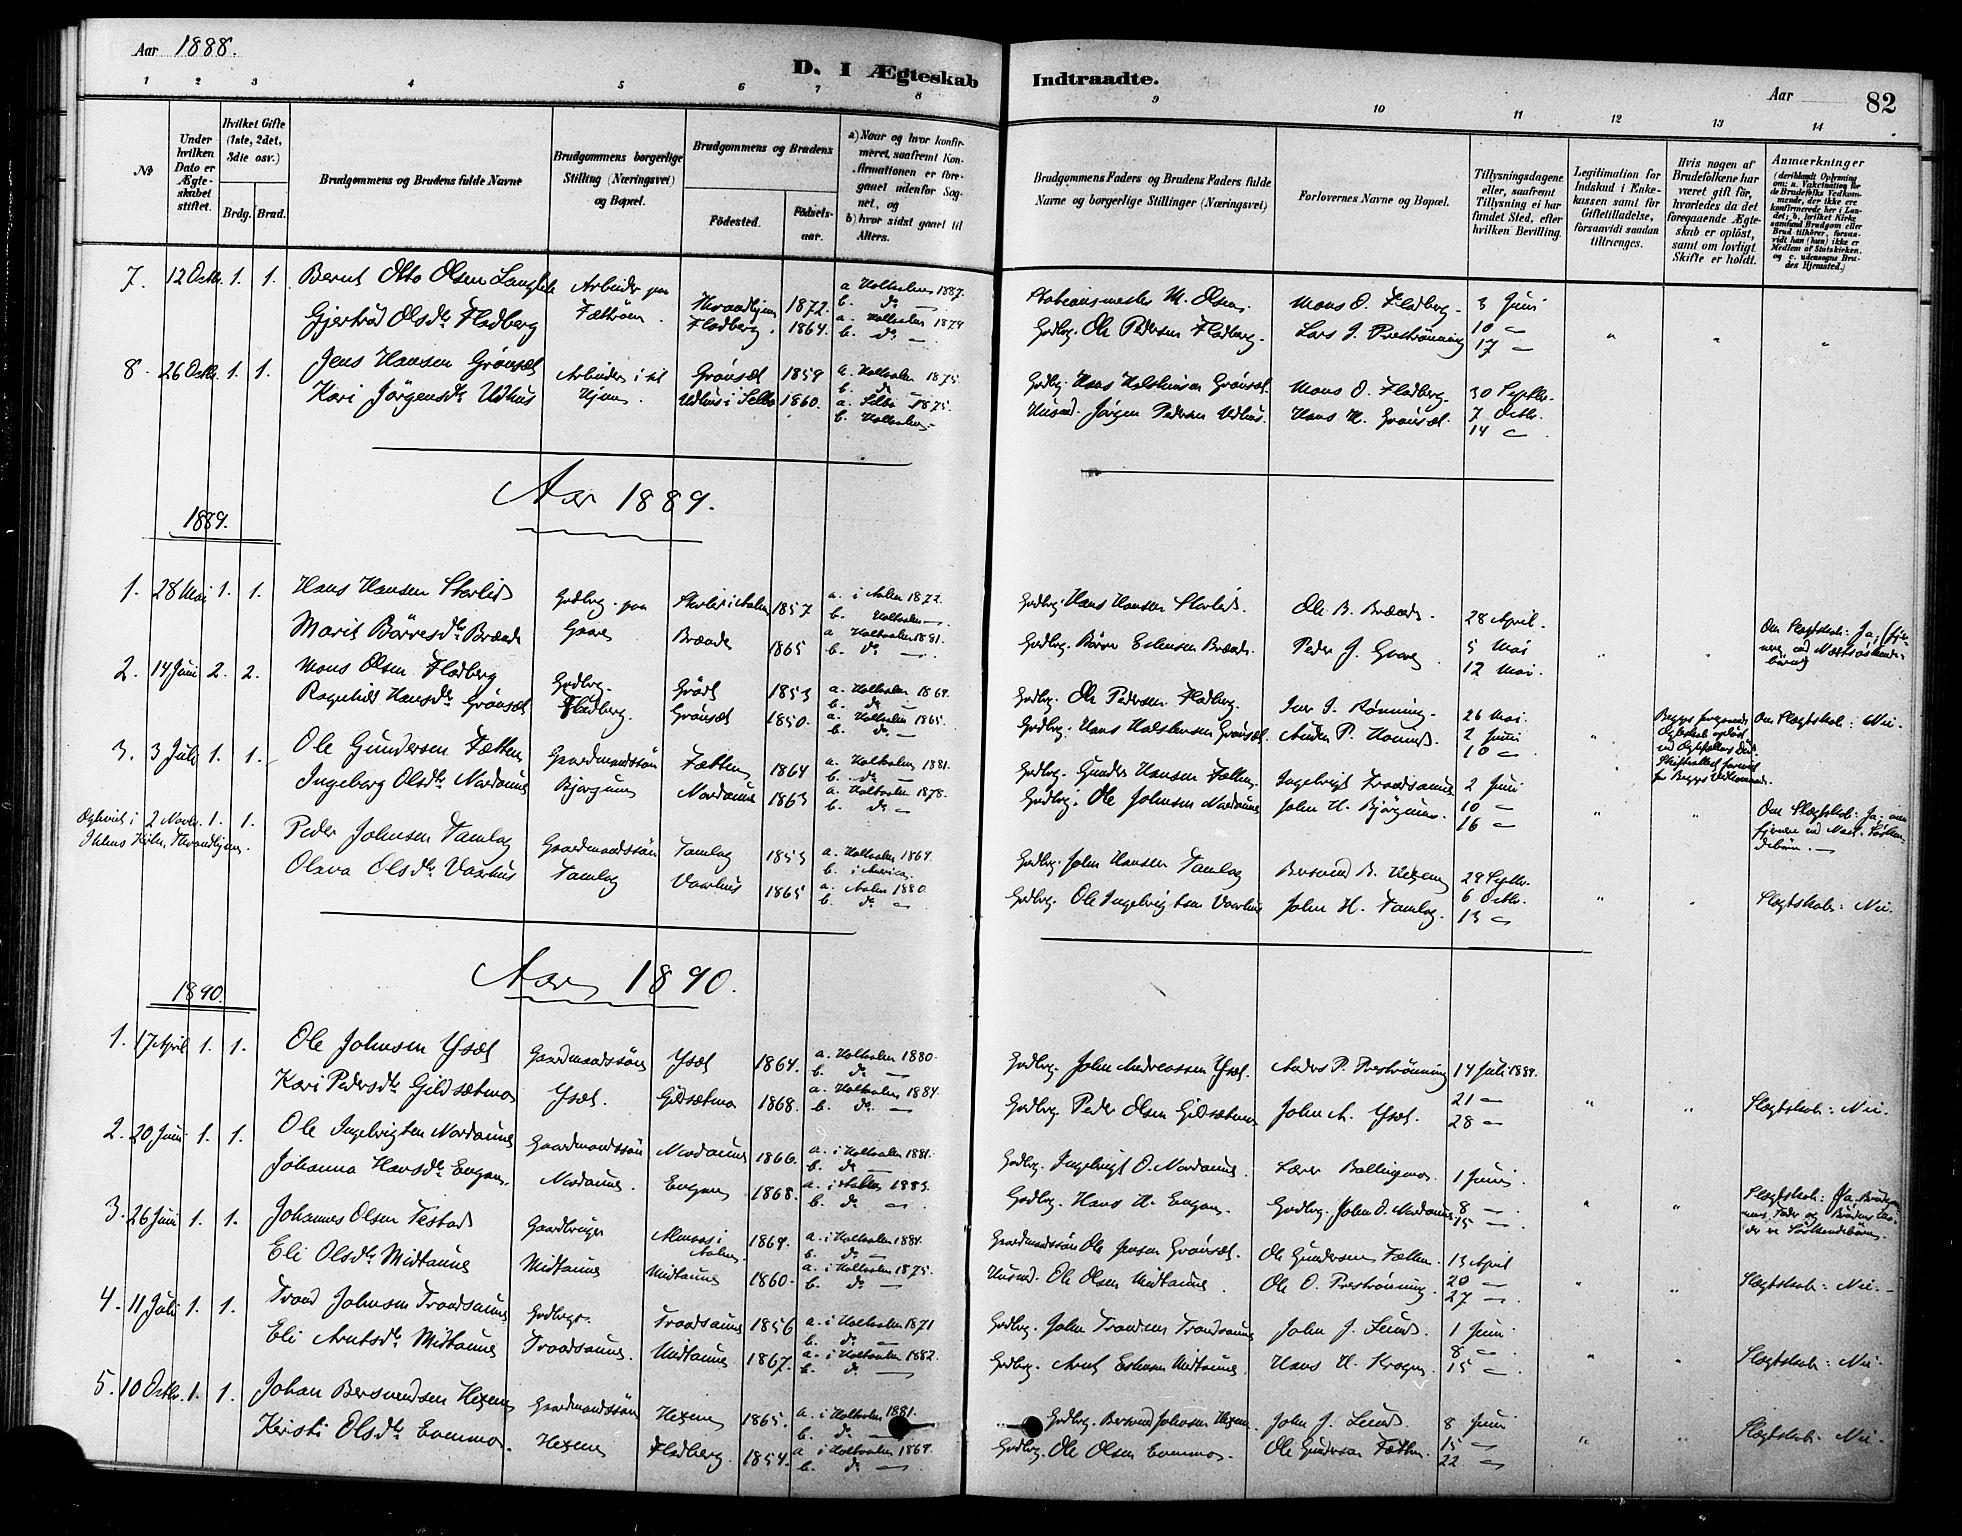 SAT, Ministerialprotokoller, klokkerbøker og fødselsregistre - Sør-Trøndelag, 685/L0972: Ministerialbok nr. 685A09, 1879-1890, s. 82